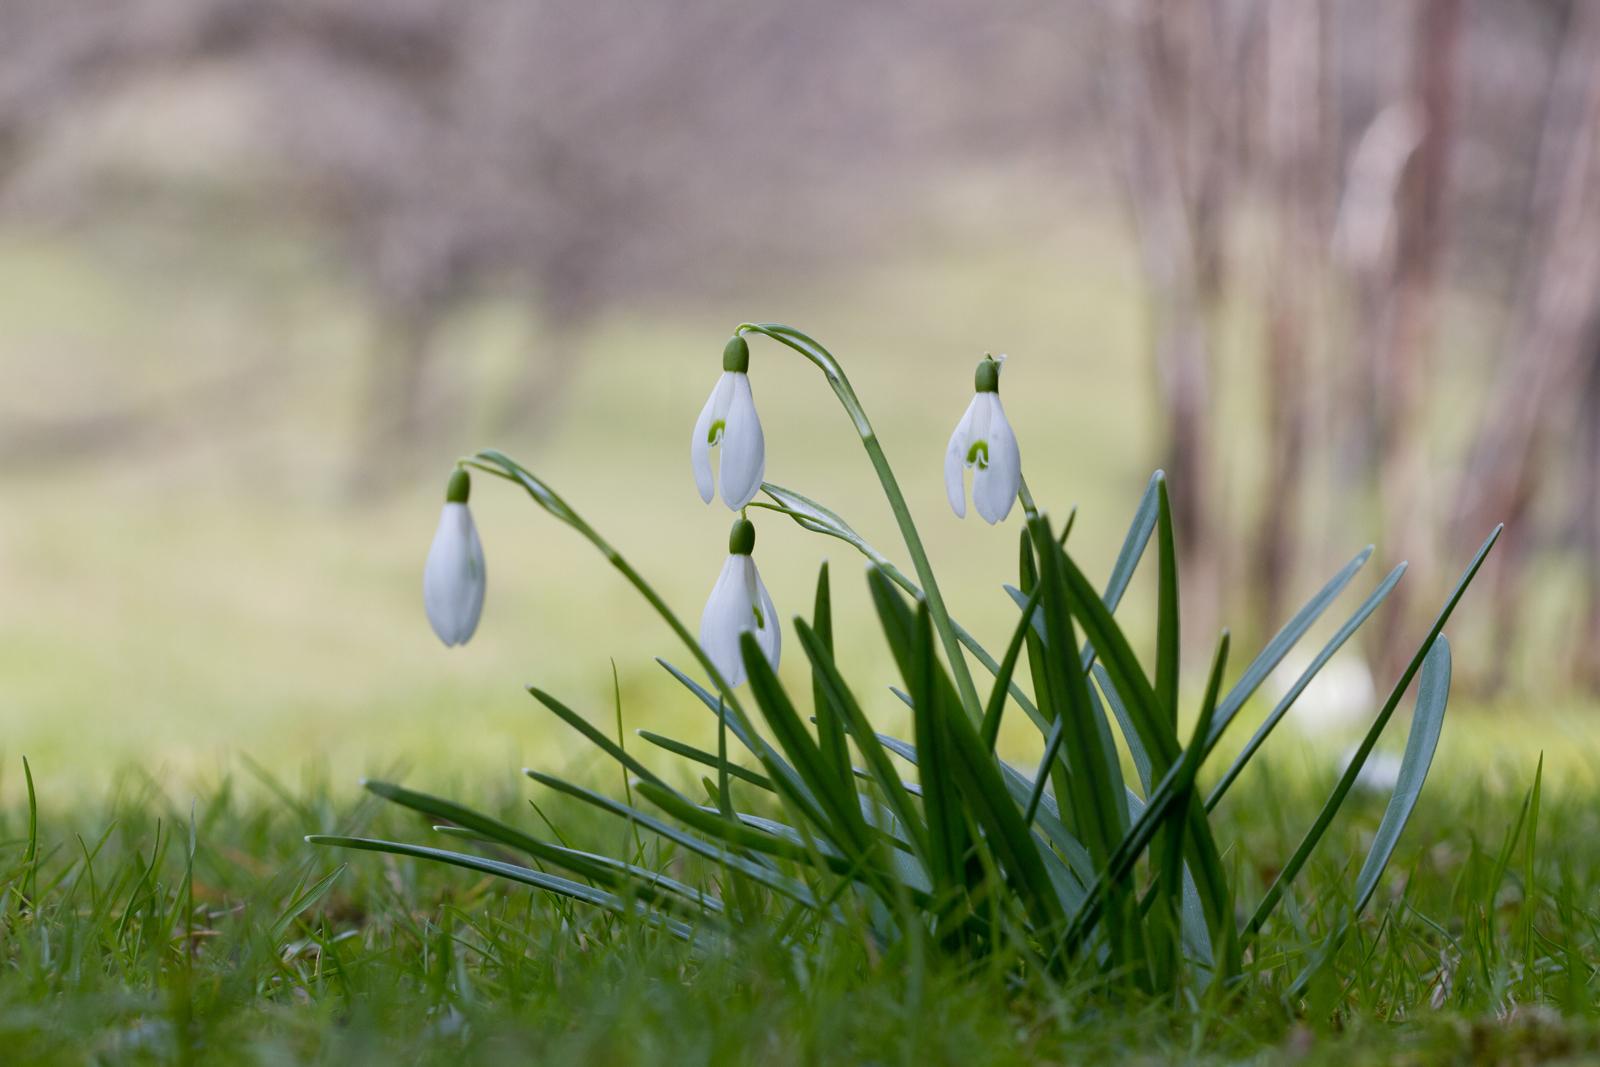 Jeglicher Unkenrufe zum Trotz - es ist Frühjahr -